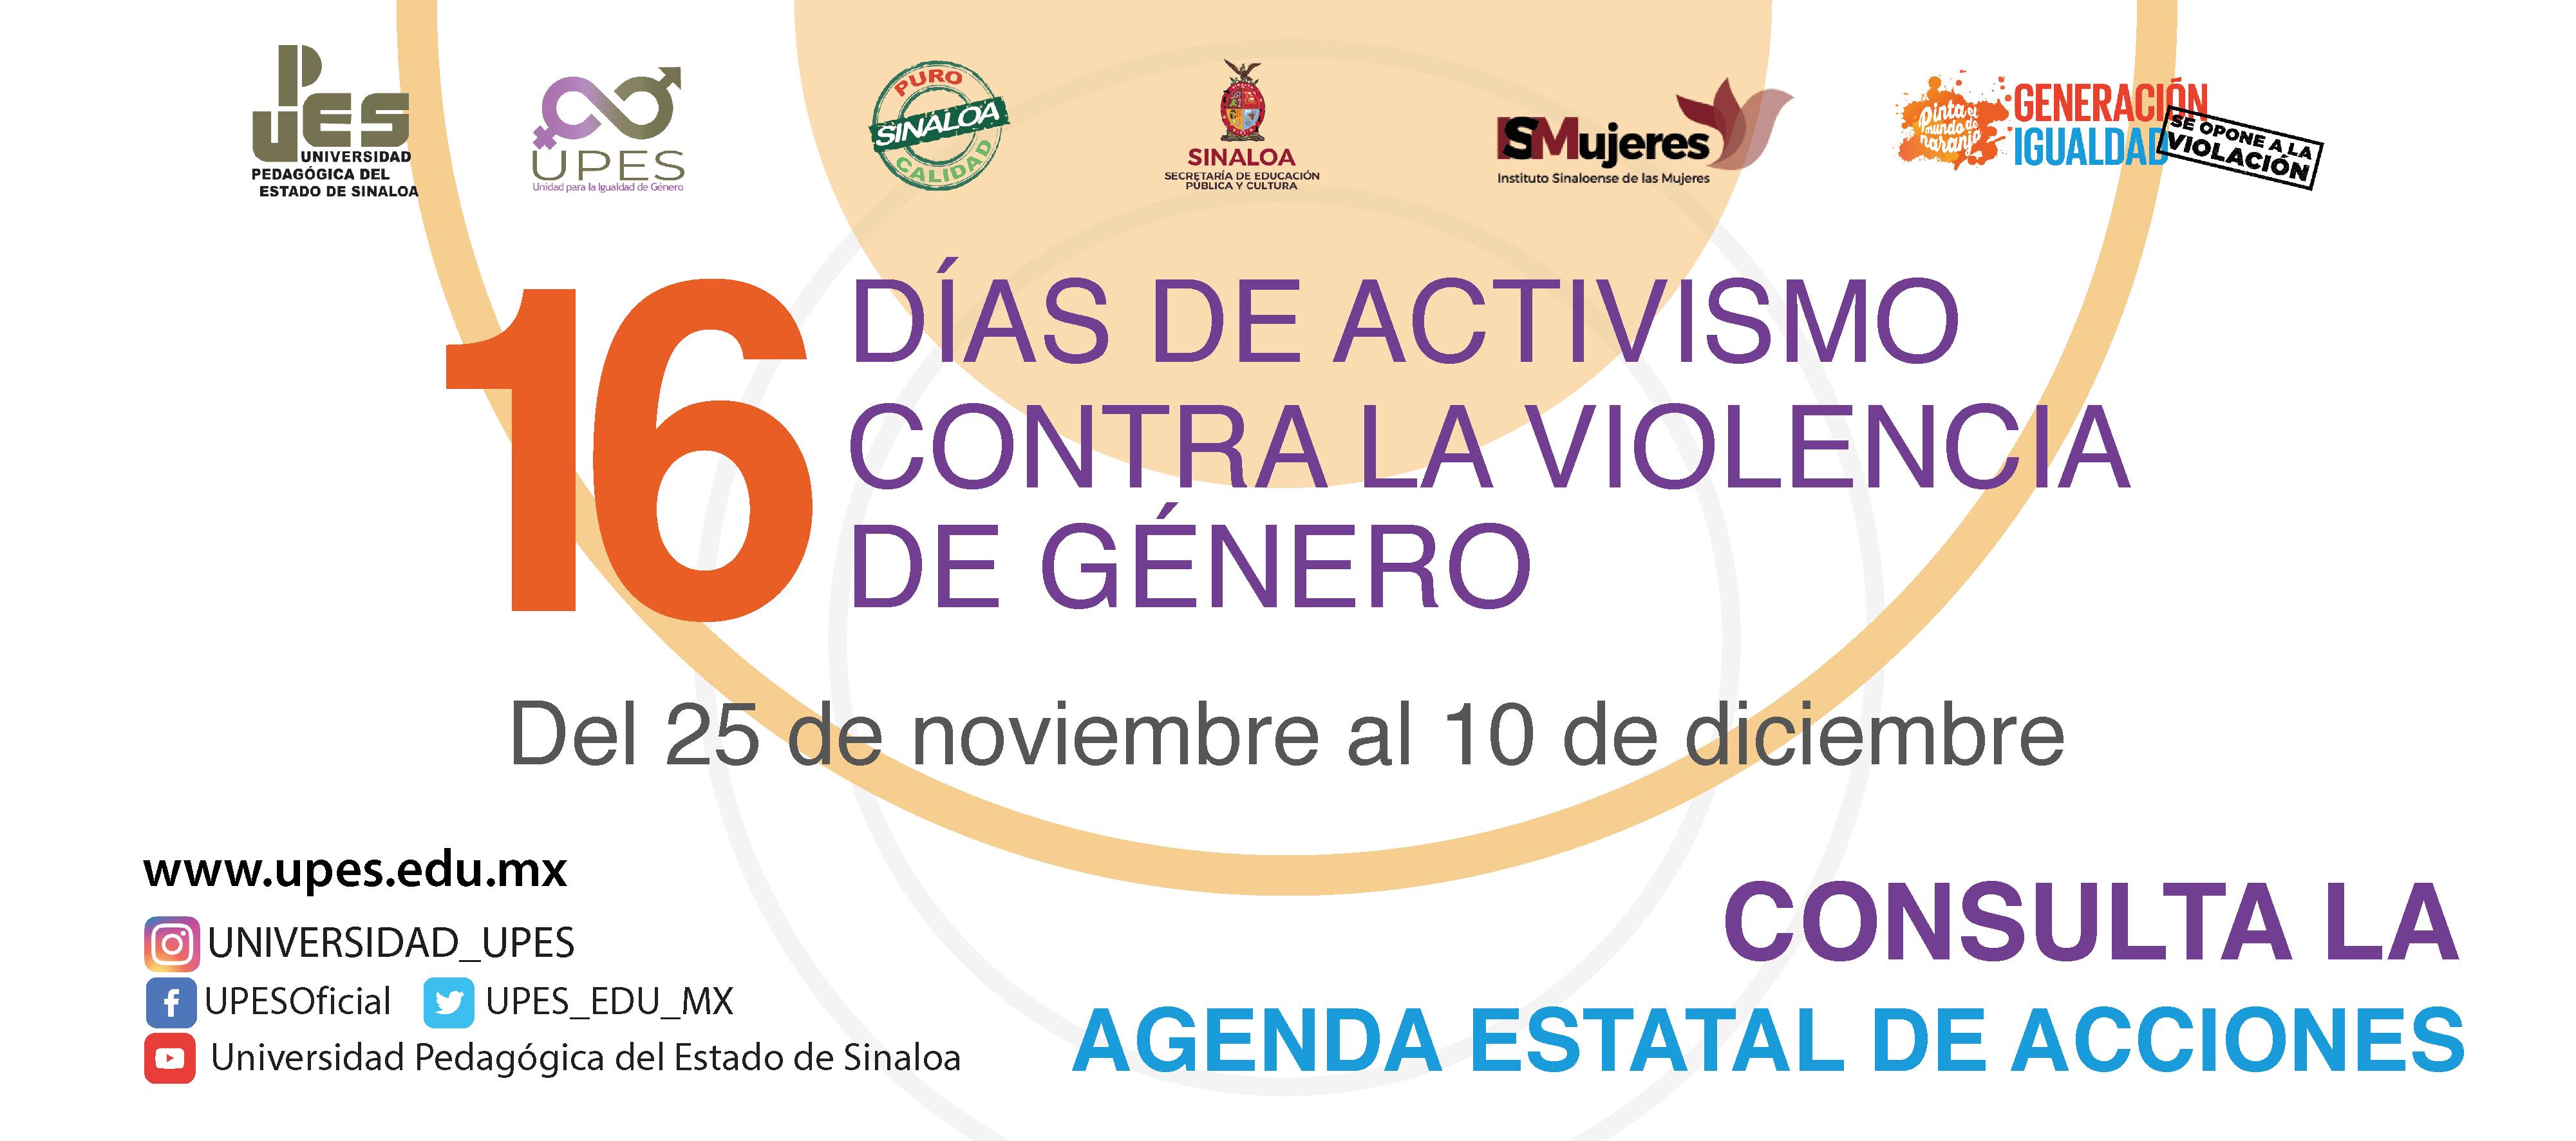 16-dias-de-activismo-invitacion-panel-slider